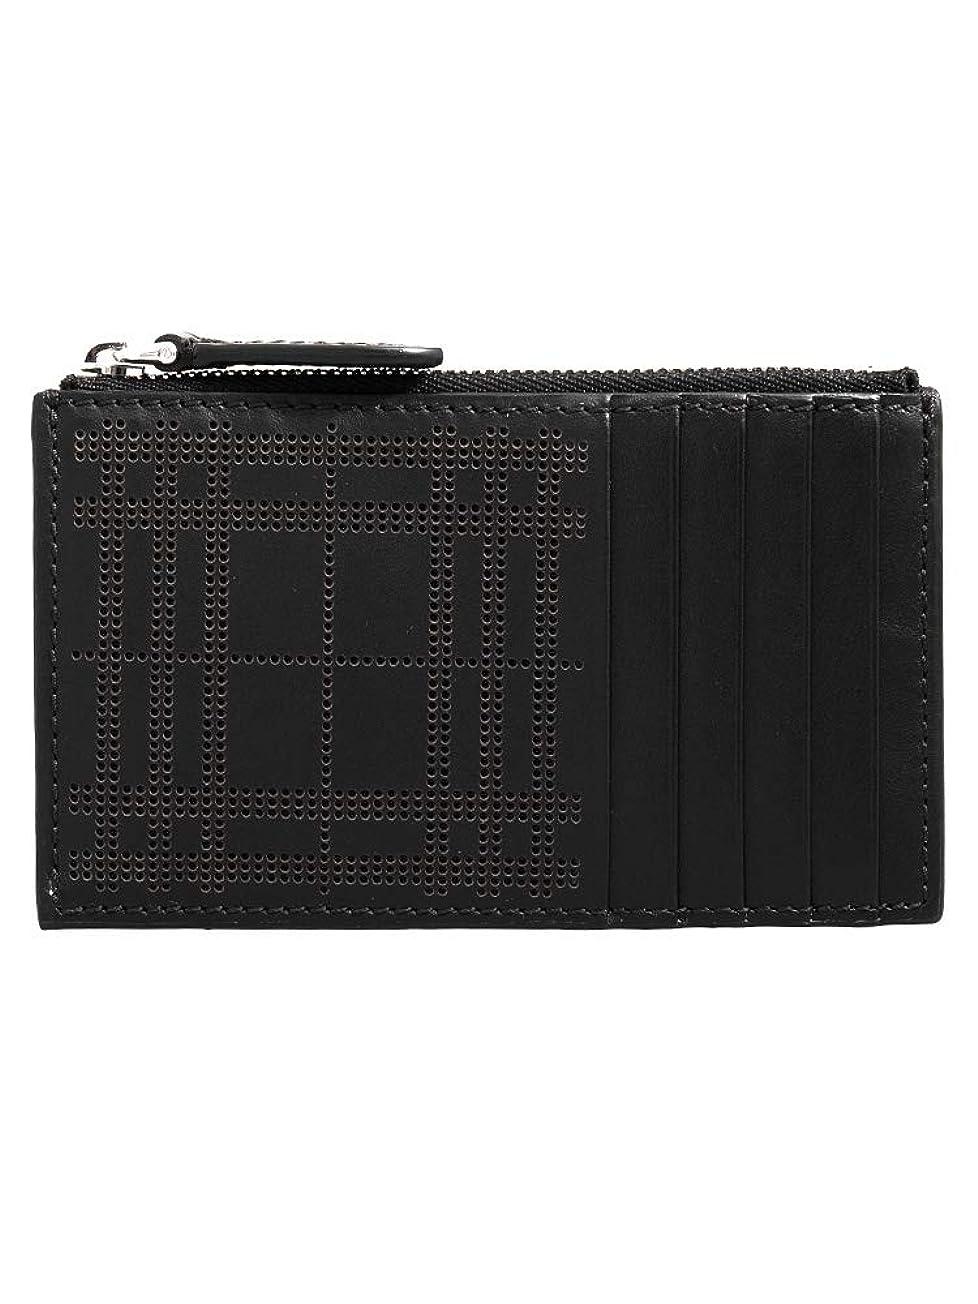 マーケティング便利未払い[バーバリー] BURBERRY メンズ カードケース ブラック ALWYN 8005950 TKR:ABPUI A1189 BLACK [並行輸入品]